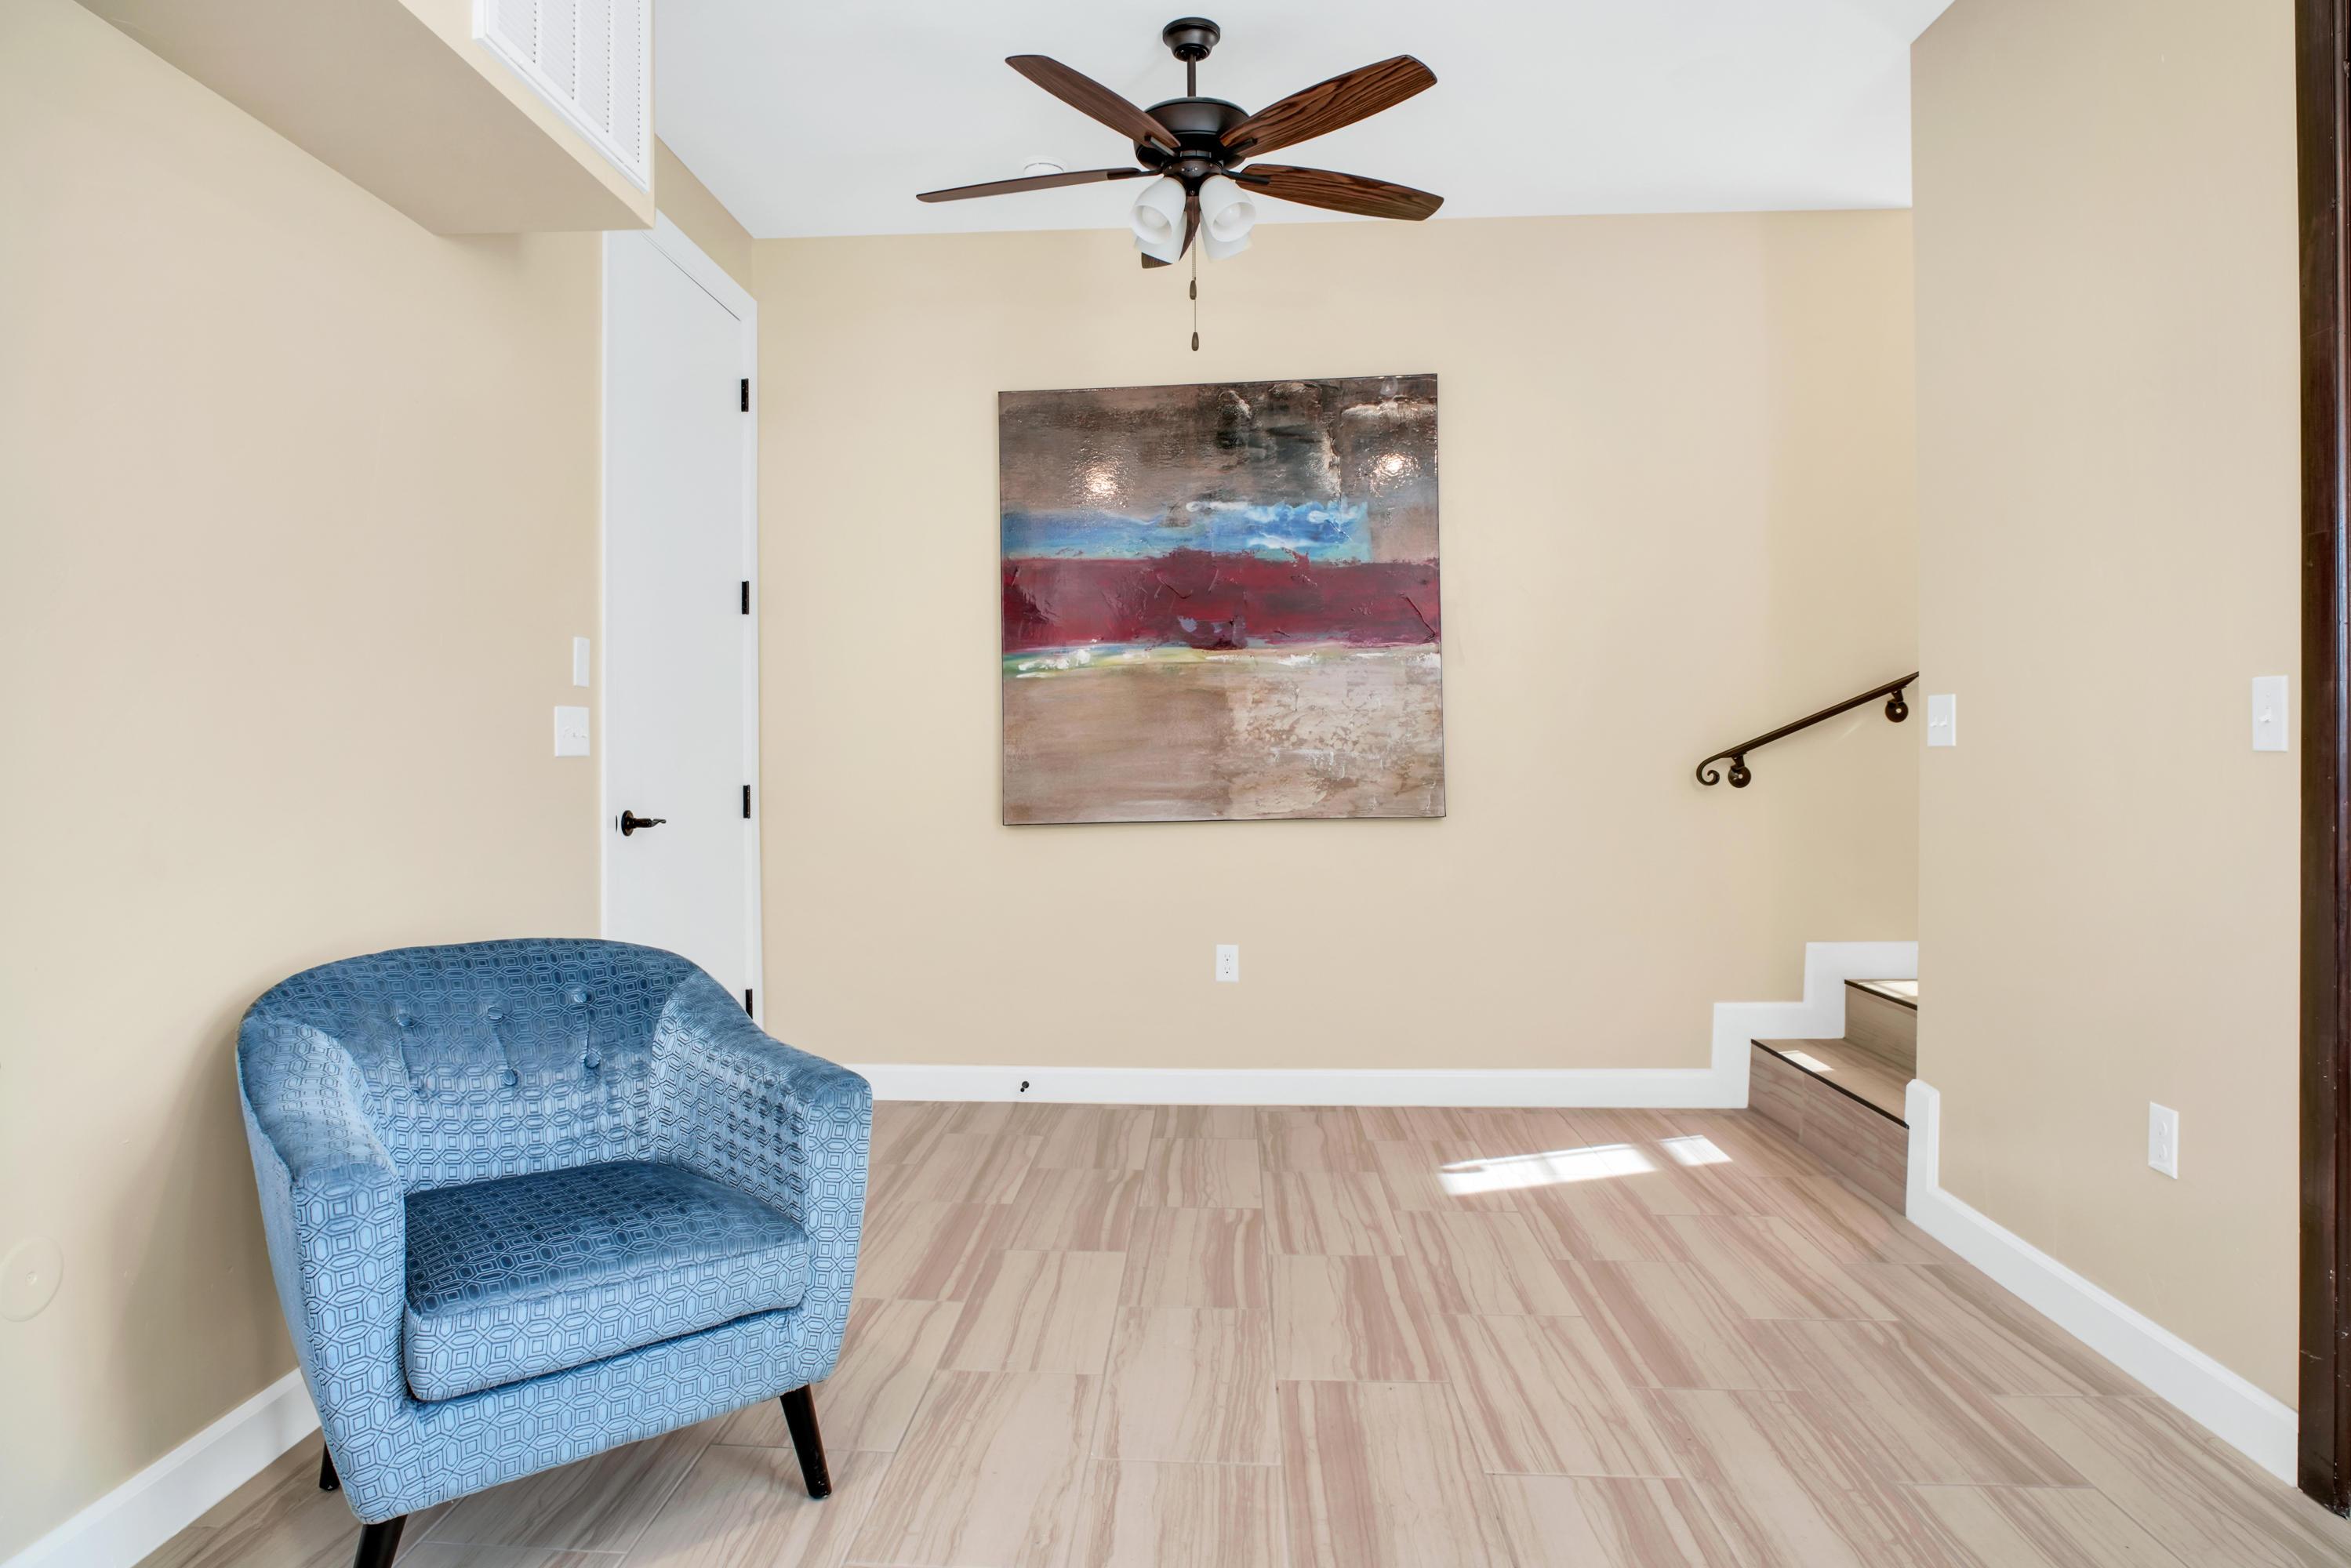 316 VIN RALIGUA, El Paso, Texas 79912, 2 Bedrooms Bedrooms, ,3 BathroomsBathrooms,Residential,For sale,VIN RALIGUA,811992